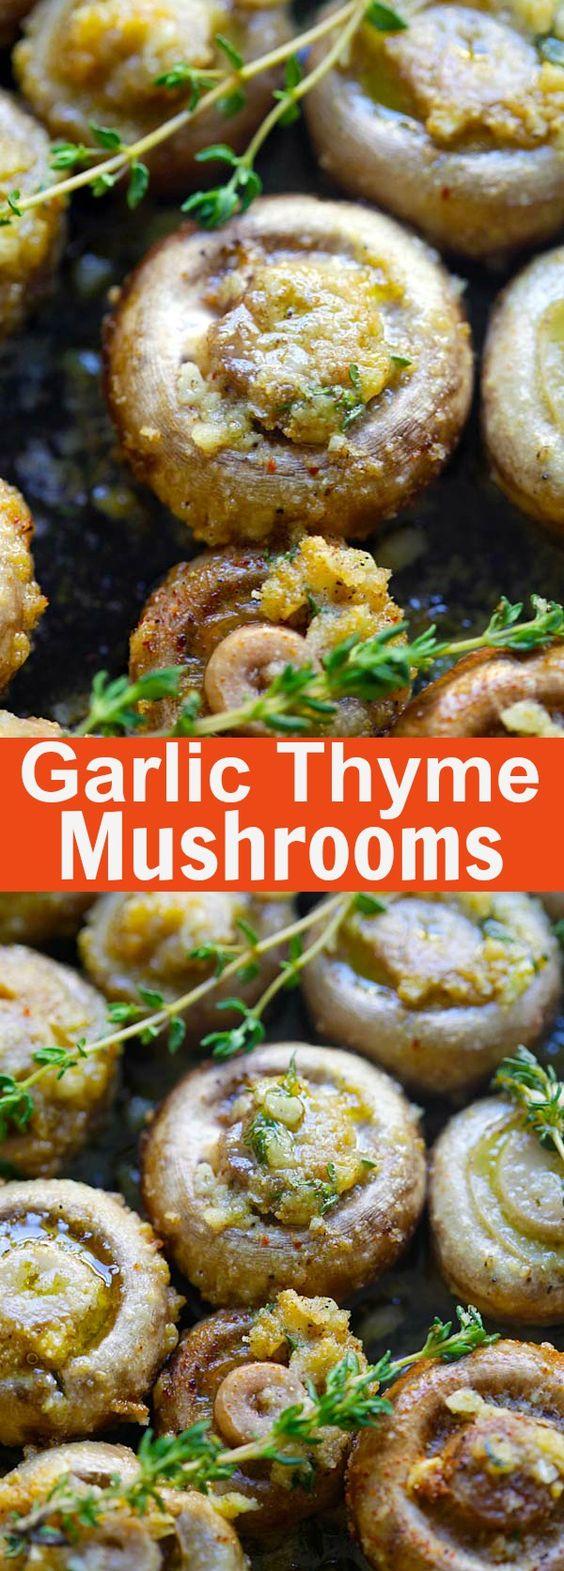 explore mushrooms follow pop mushrooms and more